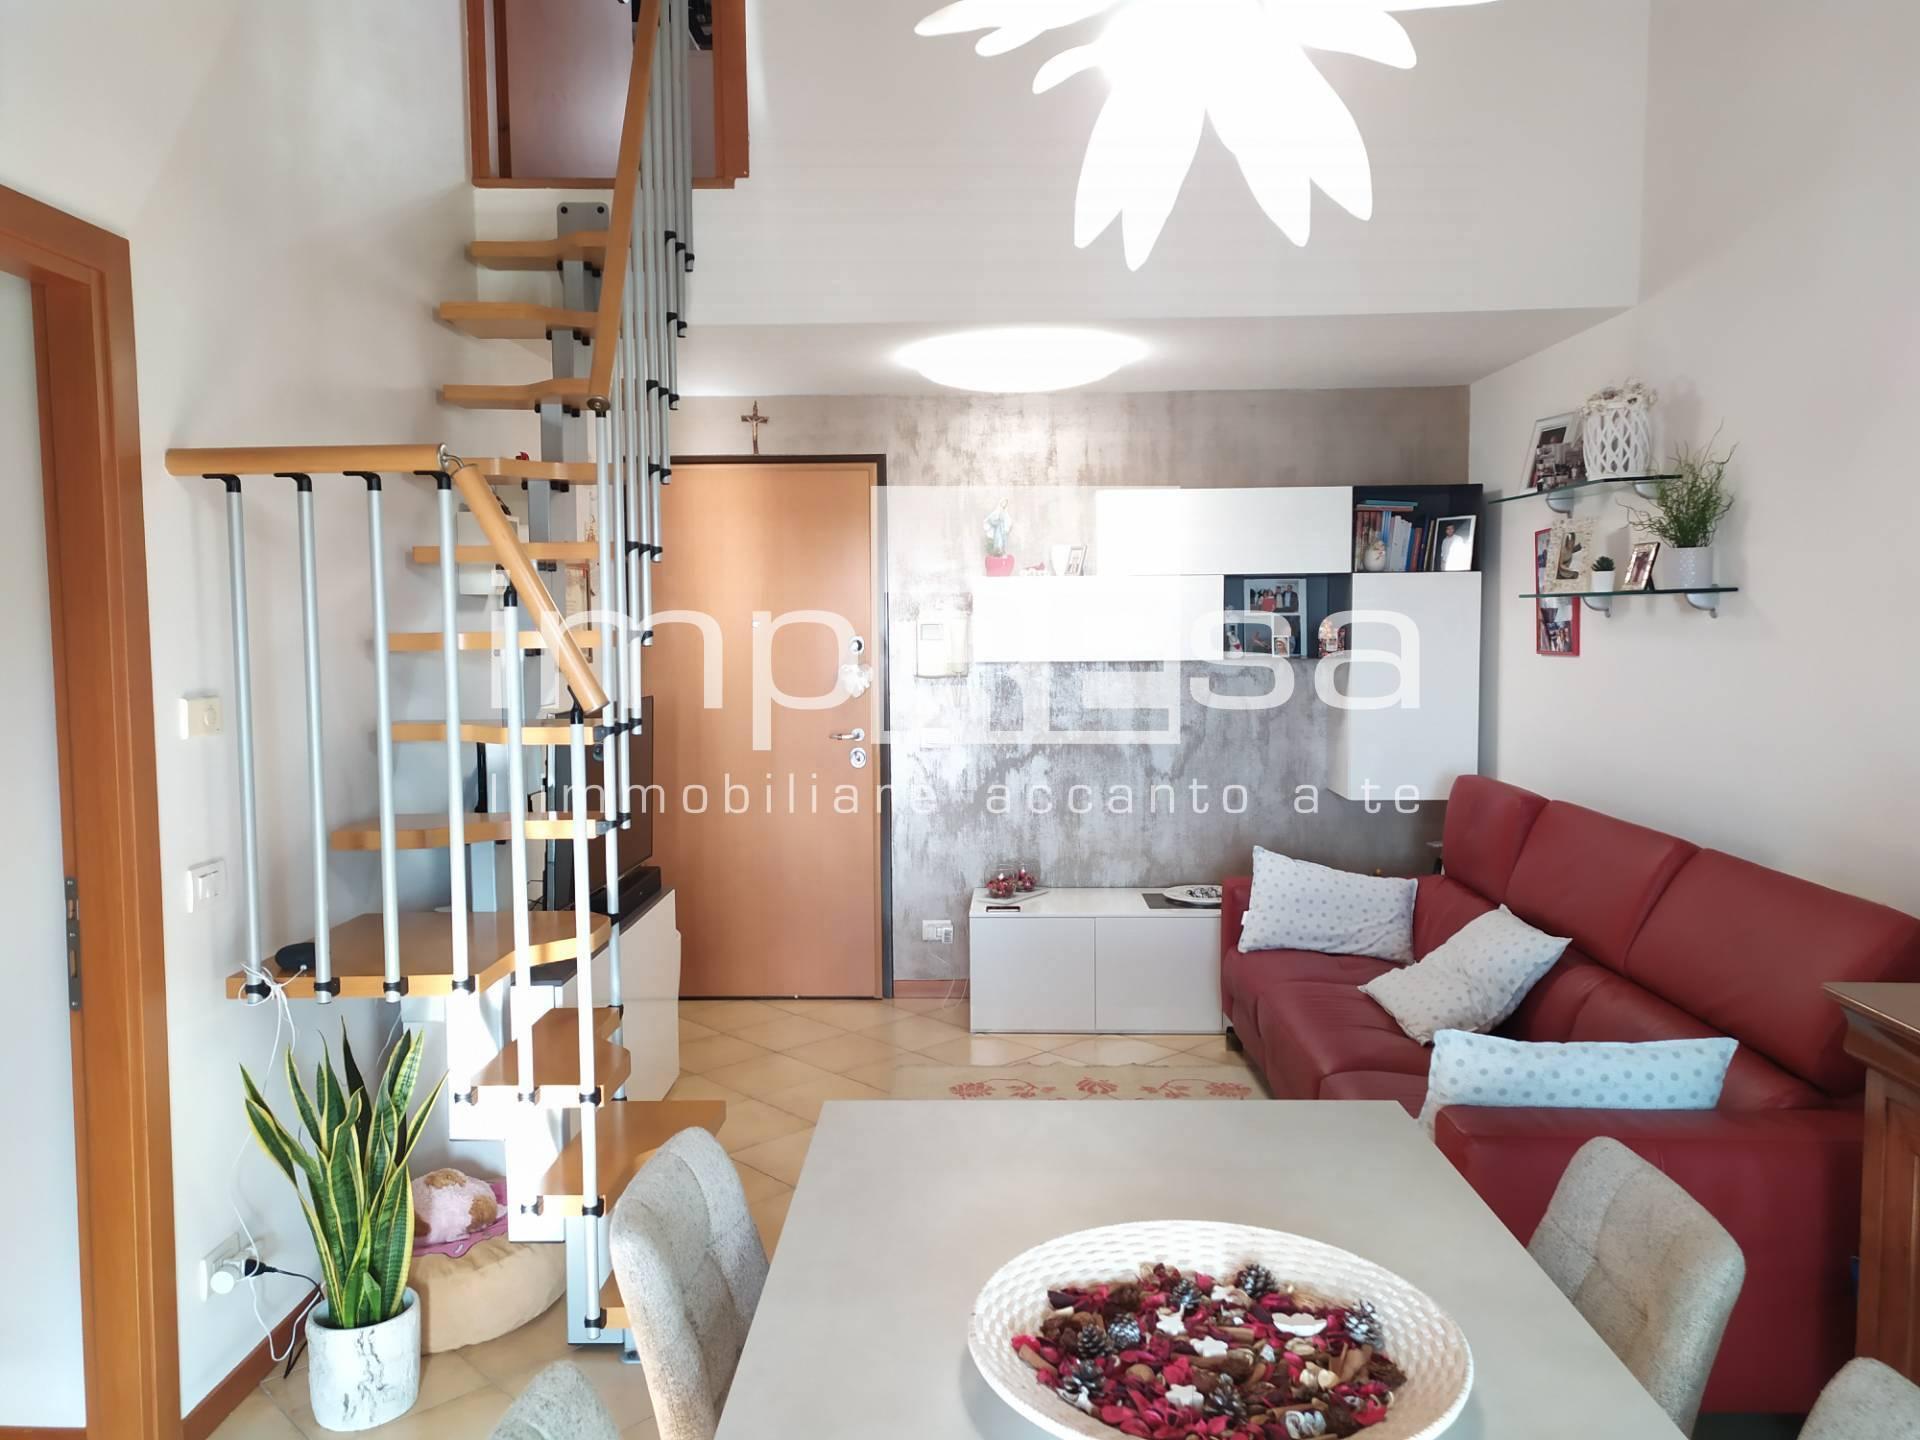 Appartamento in vendita a Santa Lucia di Piave, 4 locali, prezzo € 132.000 | CambioCasa.it